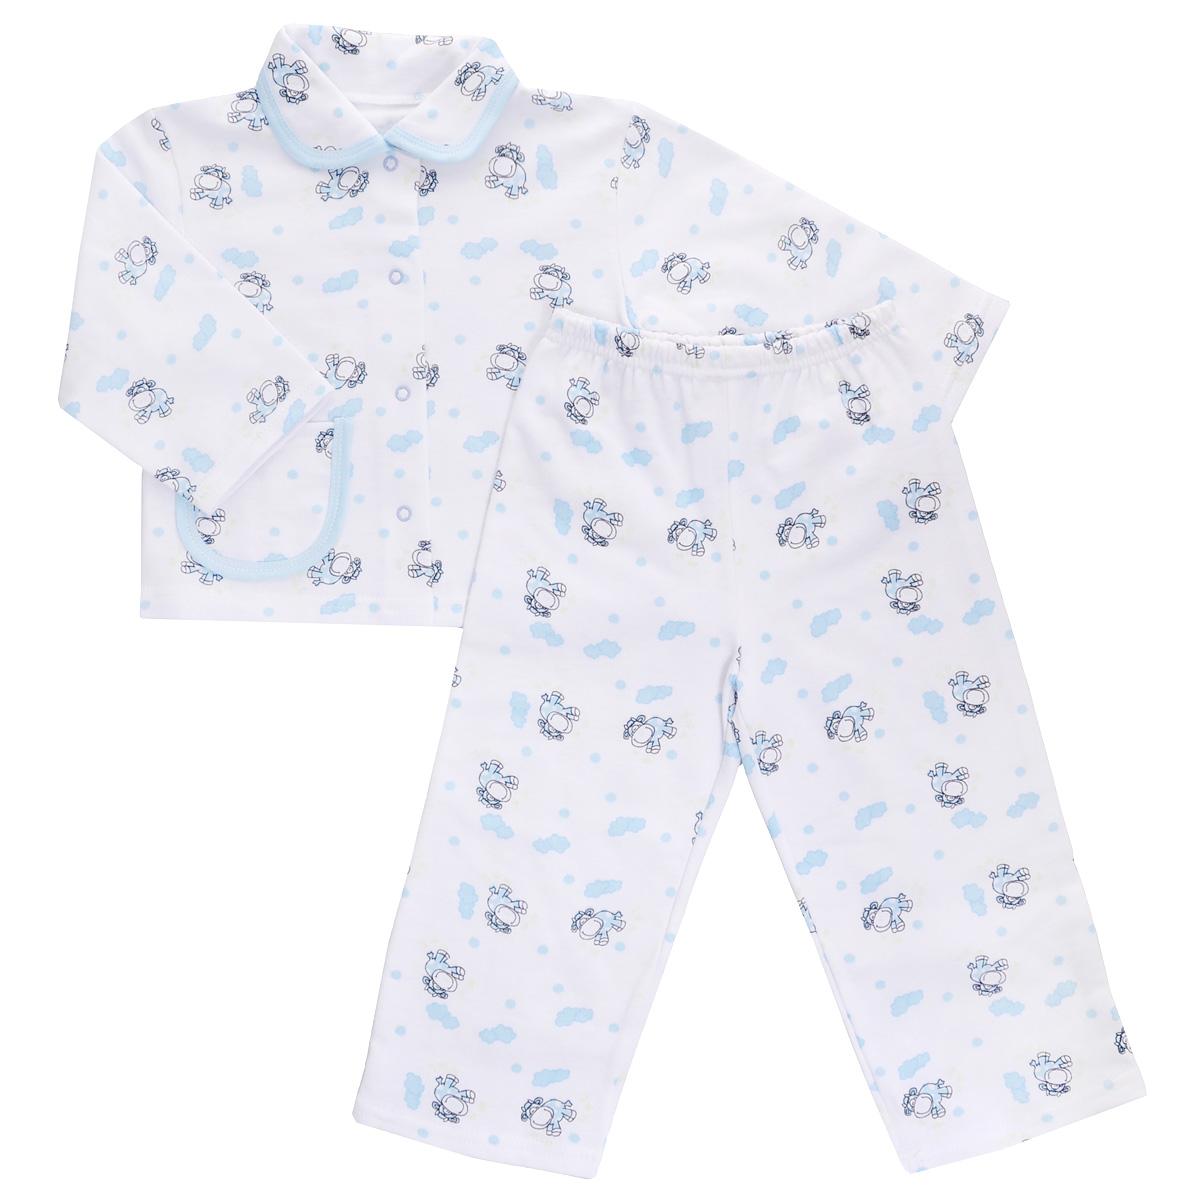 Пижама детская Трон-плюс, цвет: белый, голубой, рисунок коровки. 5552. Размер 80/86, 1-2 года5552Яркая детская пижама Трон-плюс, состоящая из кофточки и штанишек, идеально подойдет вашему малышу и станет отличным дополнением к детскому гардеробу. Теплая пижама, изготовленная из набивного футера - натурального хлопка, необычайно мягкая и легкая, не сковывает движения ребенка, позволяет коже дышать и не раздражает даже самую нежную и чувствительную кожу малыша. Кофта с длинными рукавами имеет отложной воротничок и застегивается на кнопки, также оформлена небольшим накладным карманчиком. Штанишки на удобной резинке не сдавливают животик ребенка и не сползают.В такой пижаме ваш ребенок будет чувствовать себя комфортно и уютно во время сна.